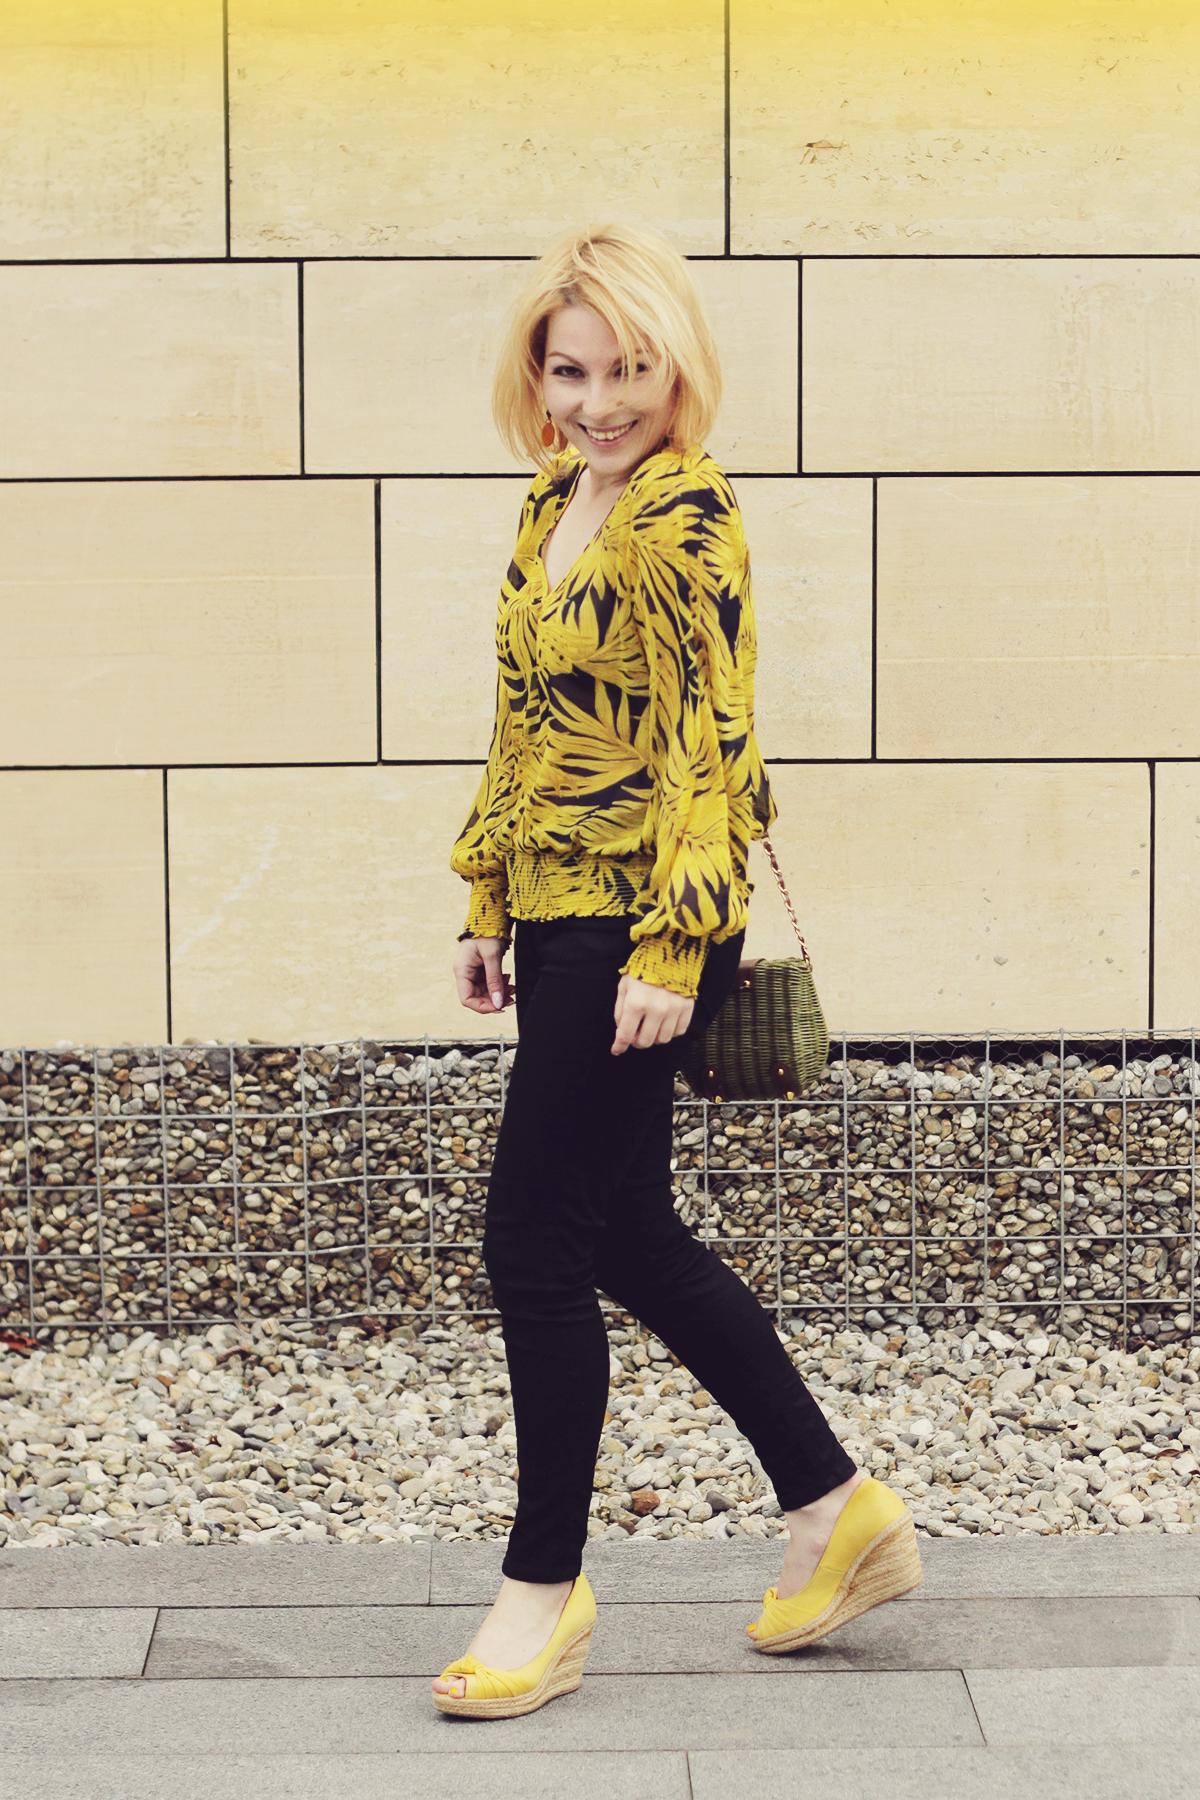 yellow wedges and yellow chiffon pattern blouse